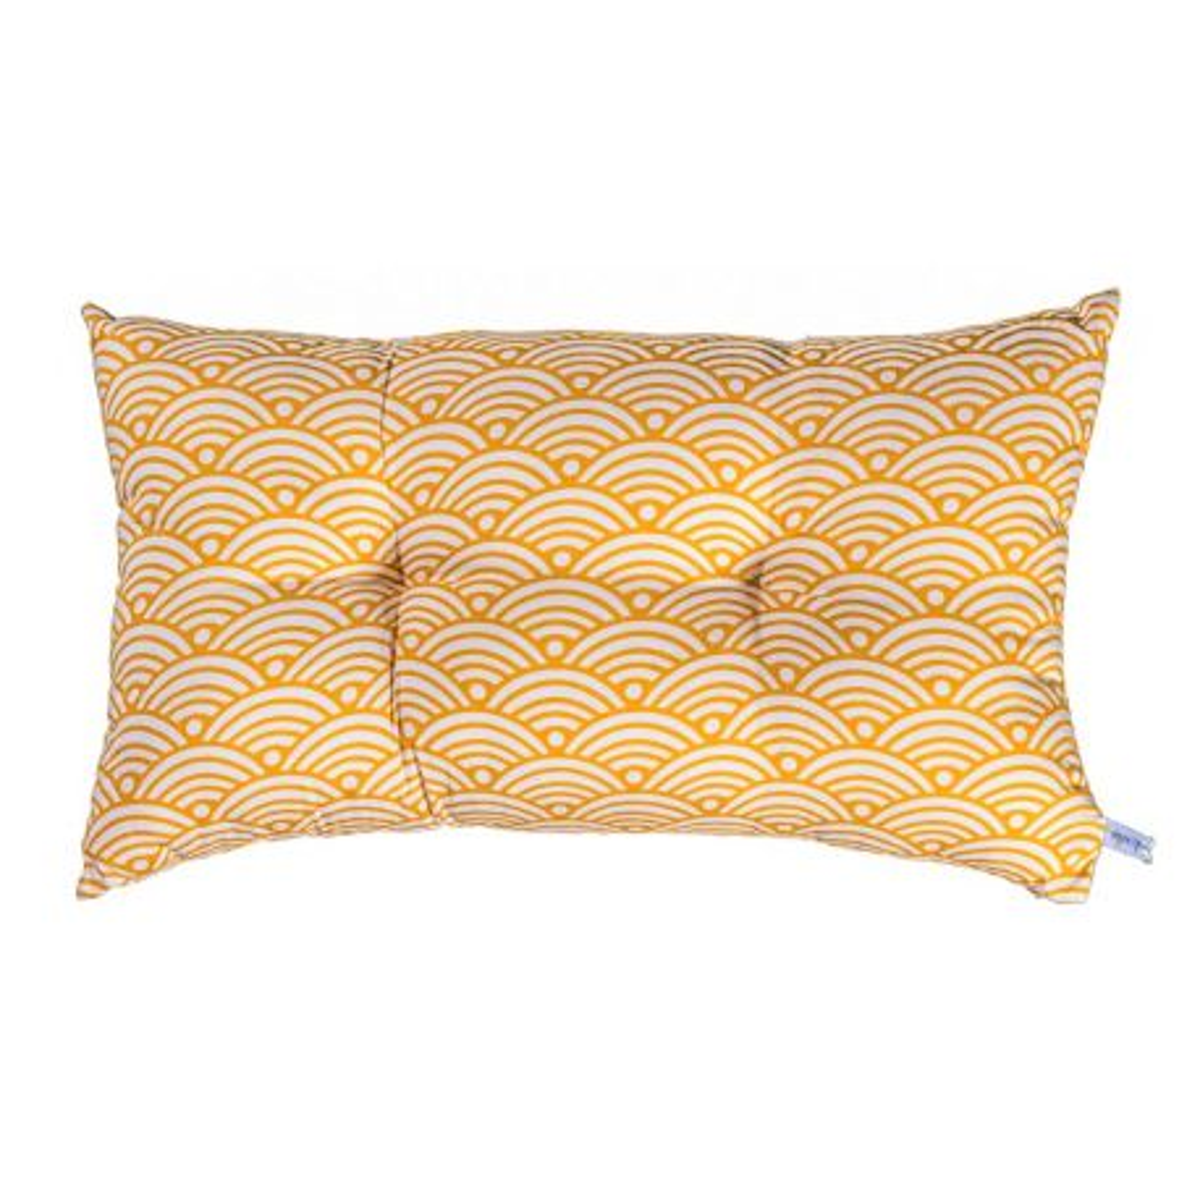 Petit coussin capitonné rectangle coton Nami moutarde